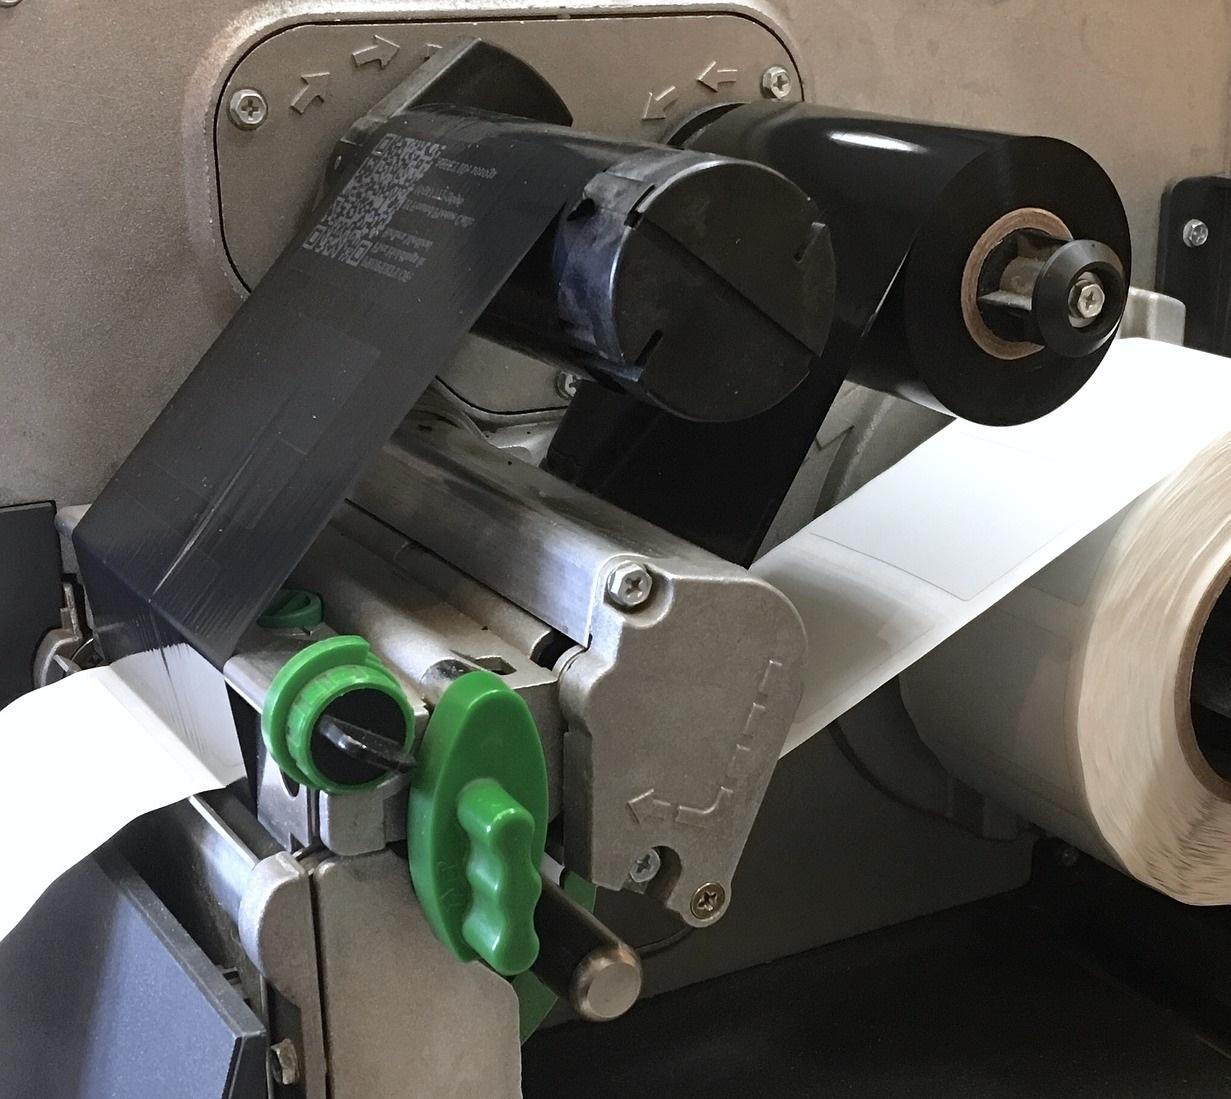 Jakie jest zastosowanie drukarek etykiet?